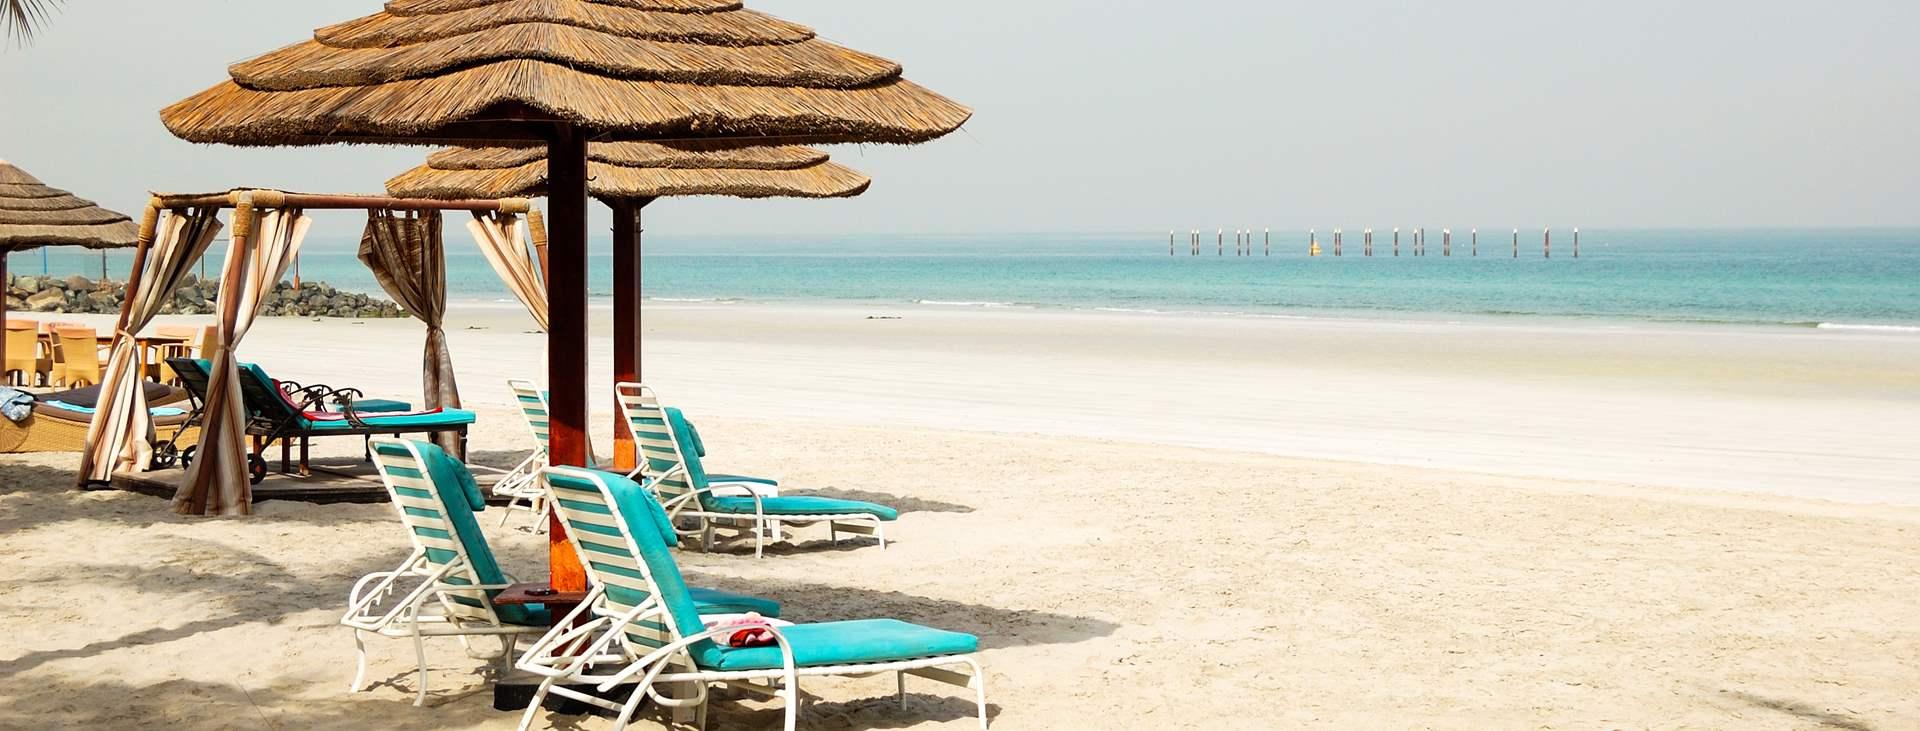 Resor till Ajman i Förenade Arabemiraten